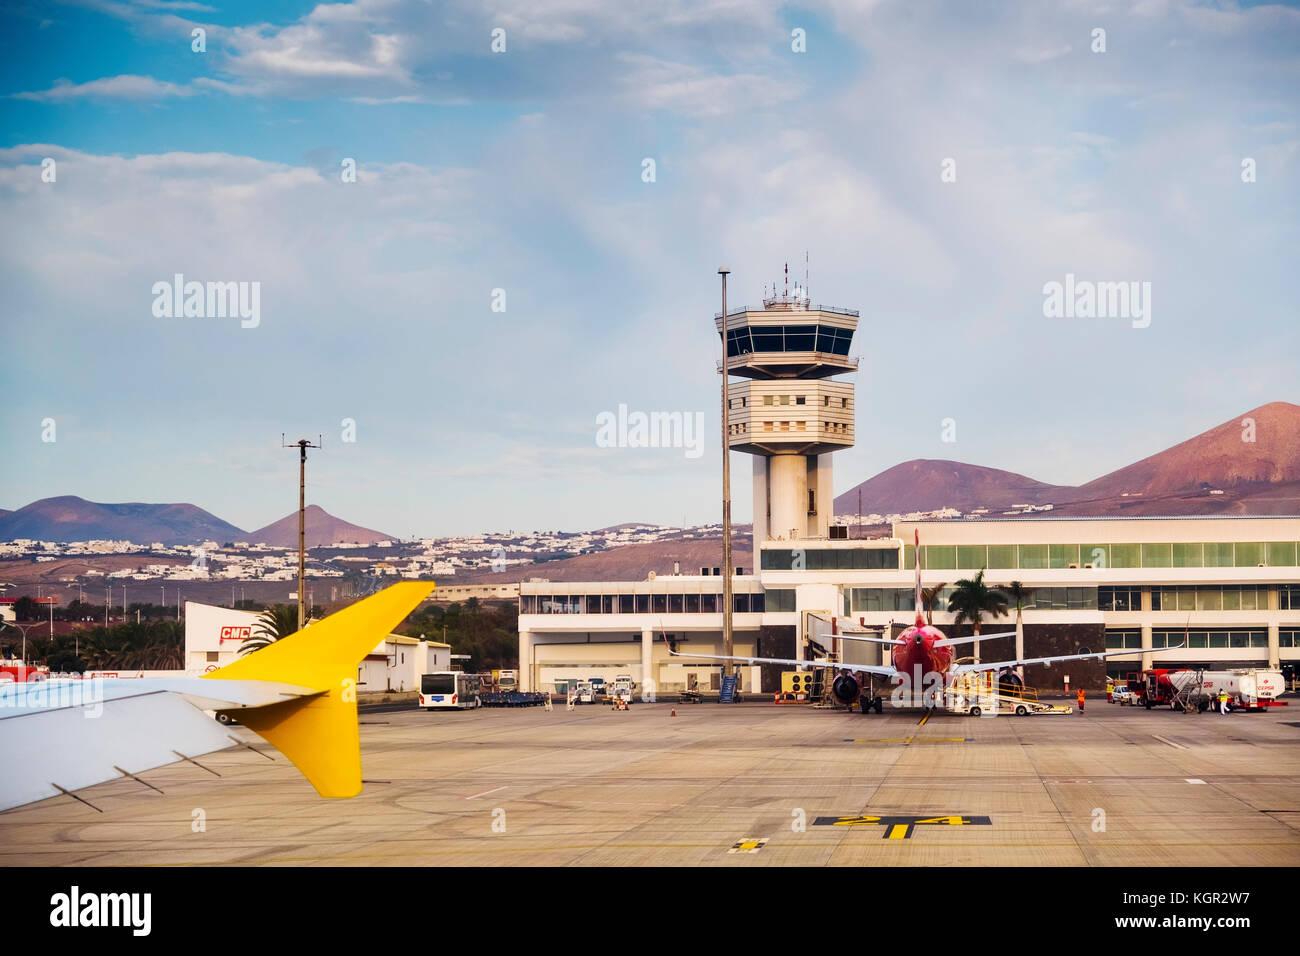 Flughafen Lanzarote Lanzarote Insel. Kanarische Inseln Spanien. Europa Stockbild